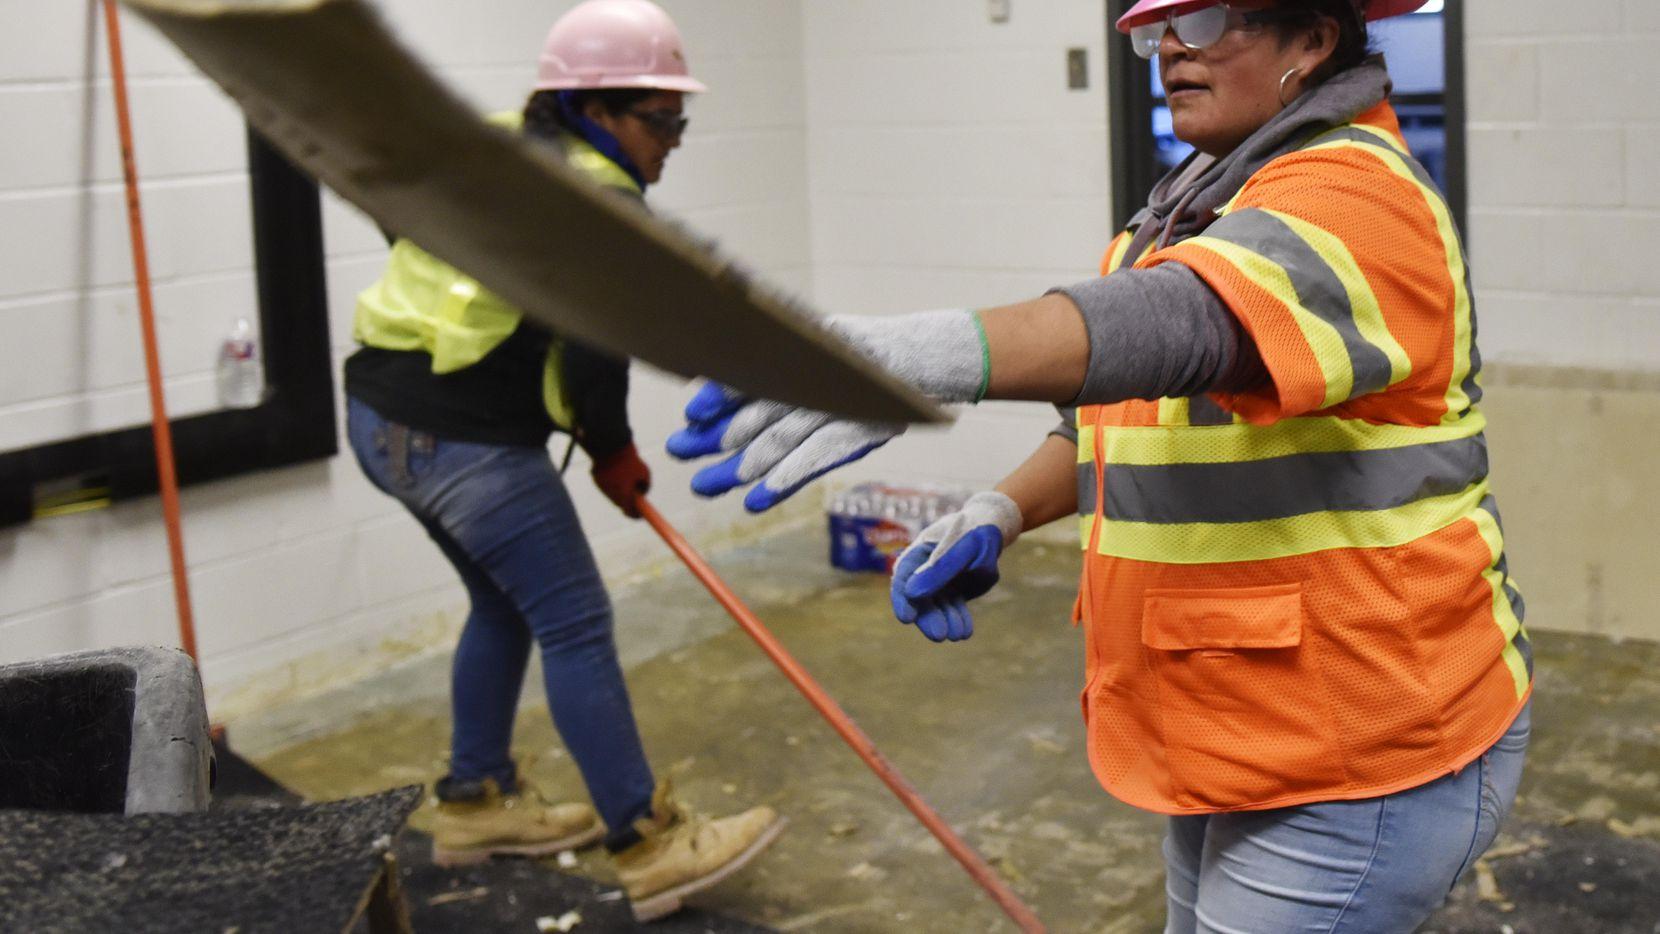 María Guadalupe León (der.) trabaja junto a Juventina Vázquez en la demolición de aulas de una escuela del DISD.  BEN TORRES/AL DÍA